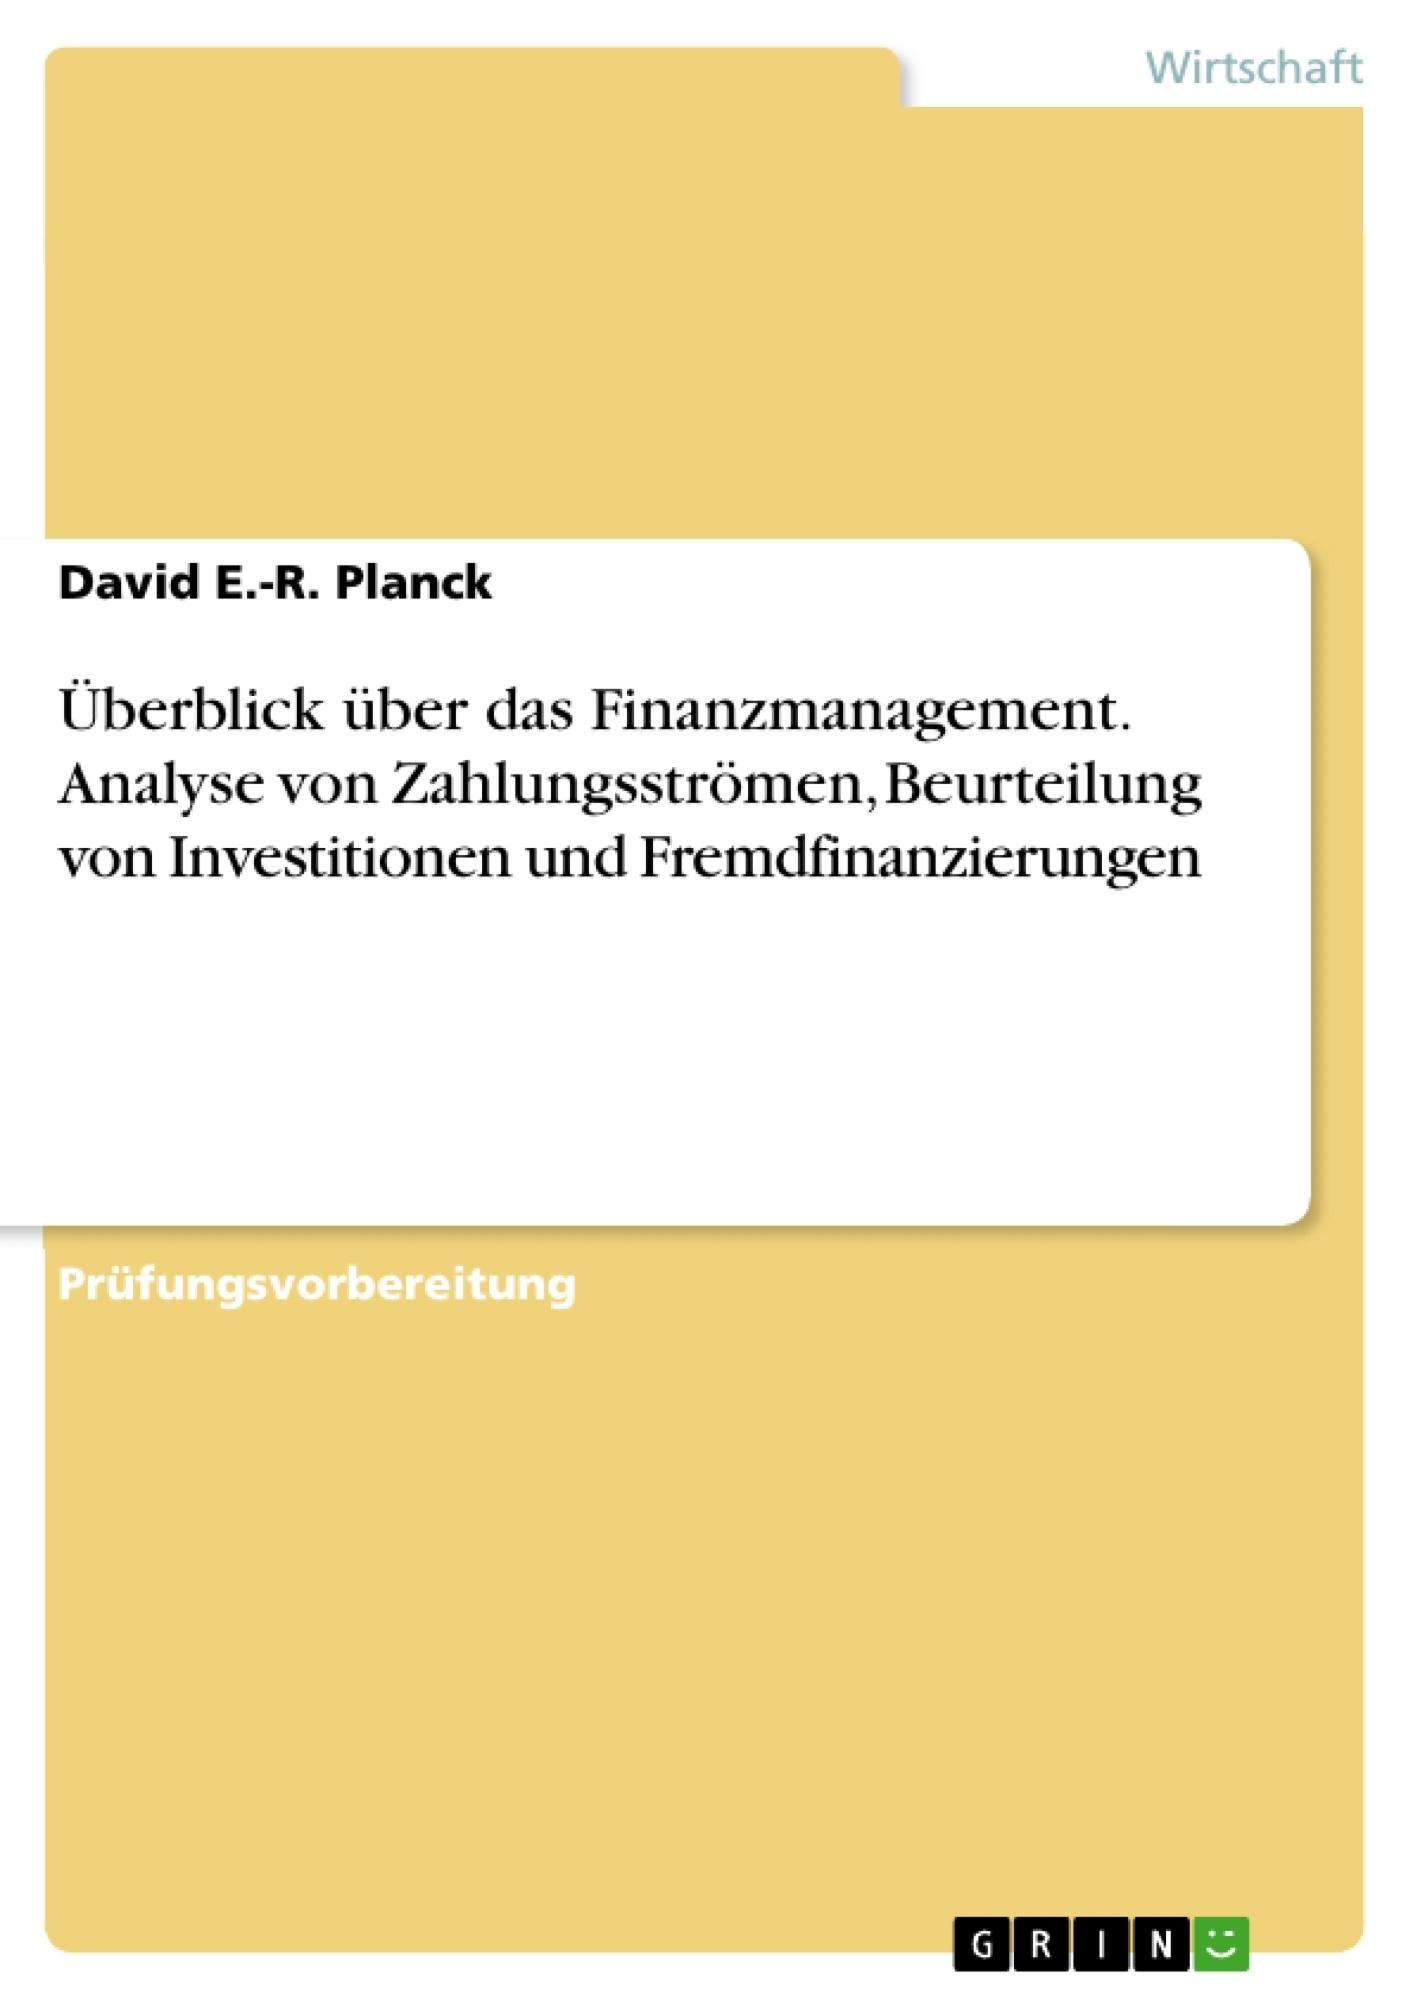 Titel: Überblick über das Finanzmanagement. Analyse von Zahlungsströmen, Beurteilung von Investitionen und Fremdfinanzierungen